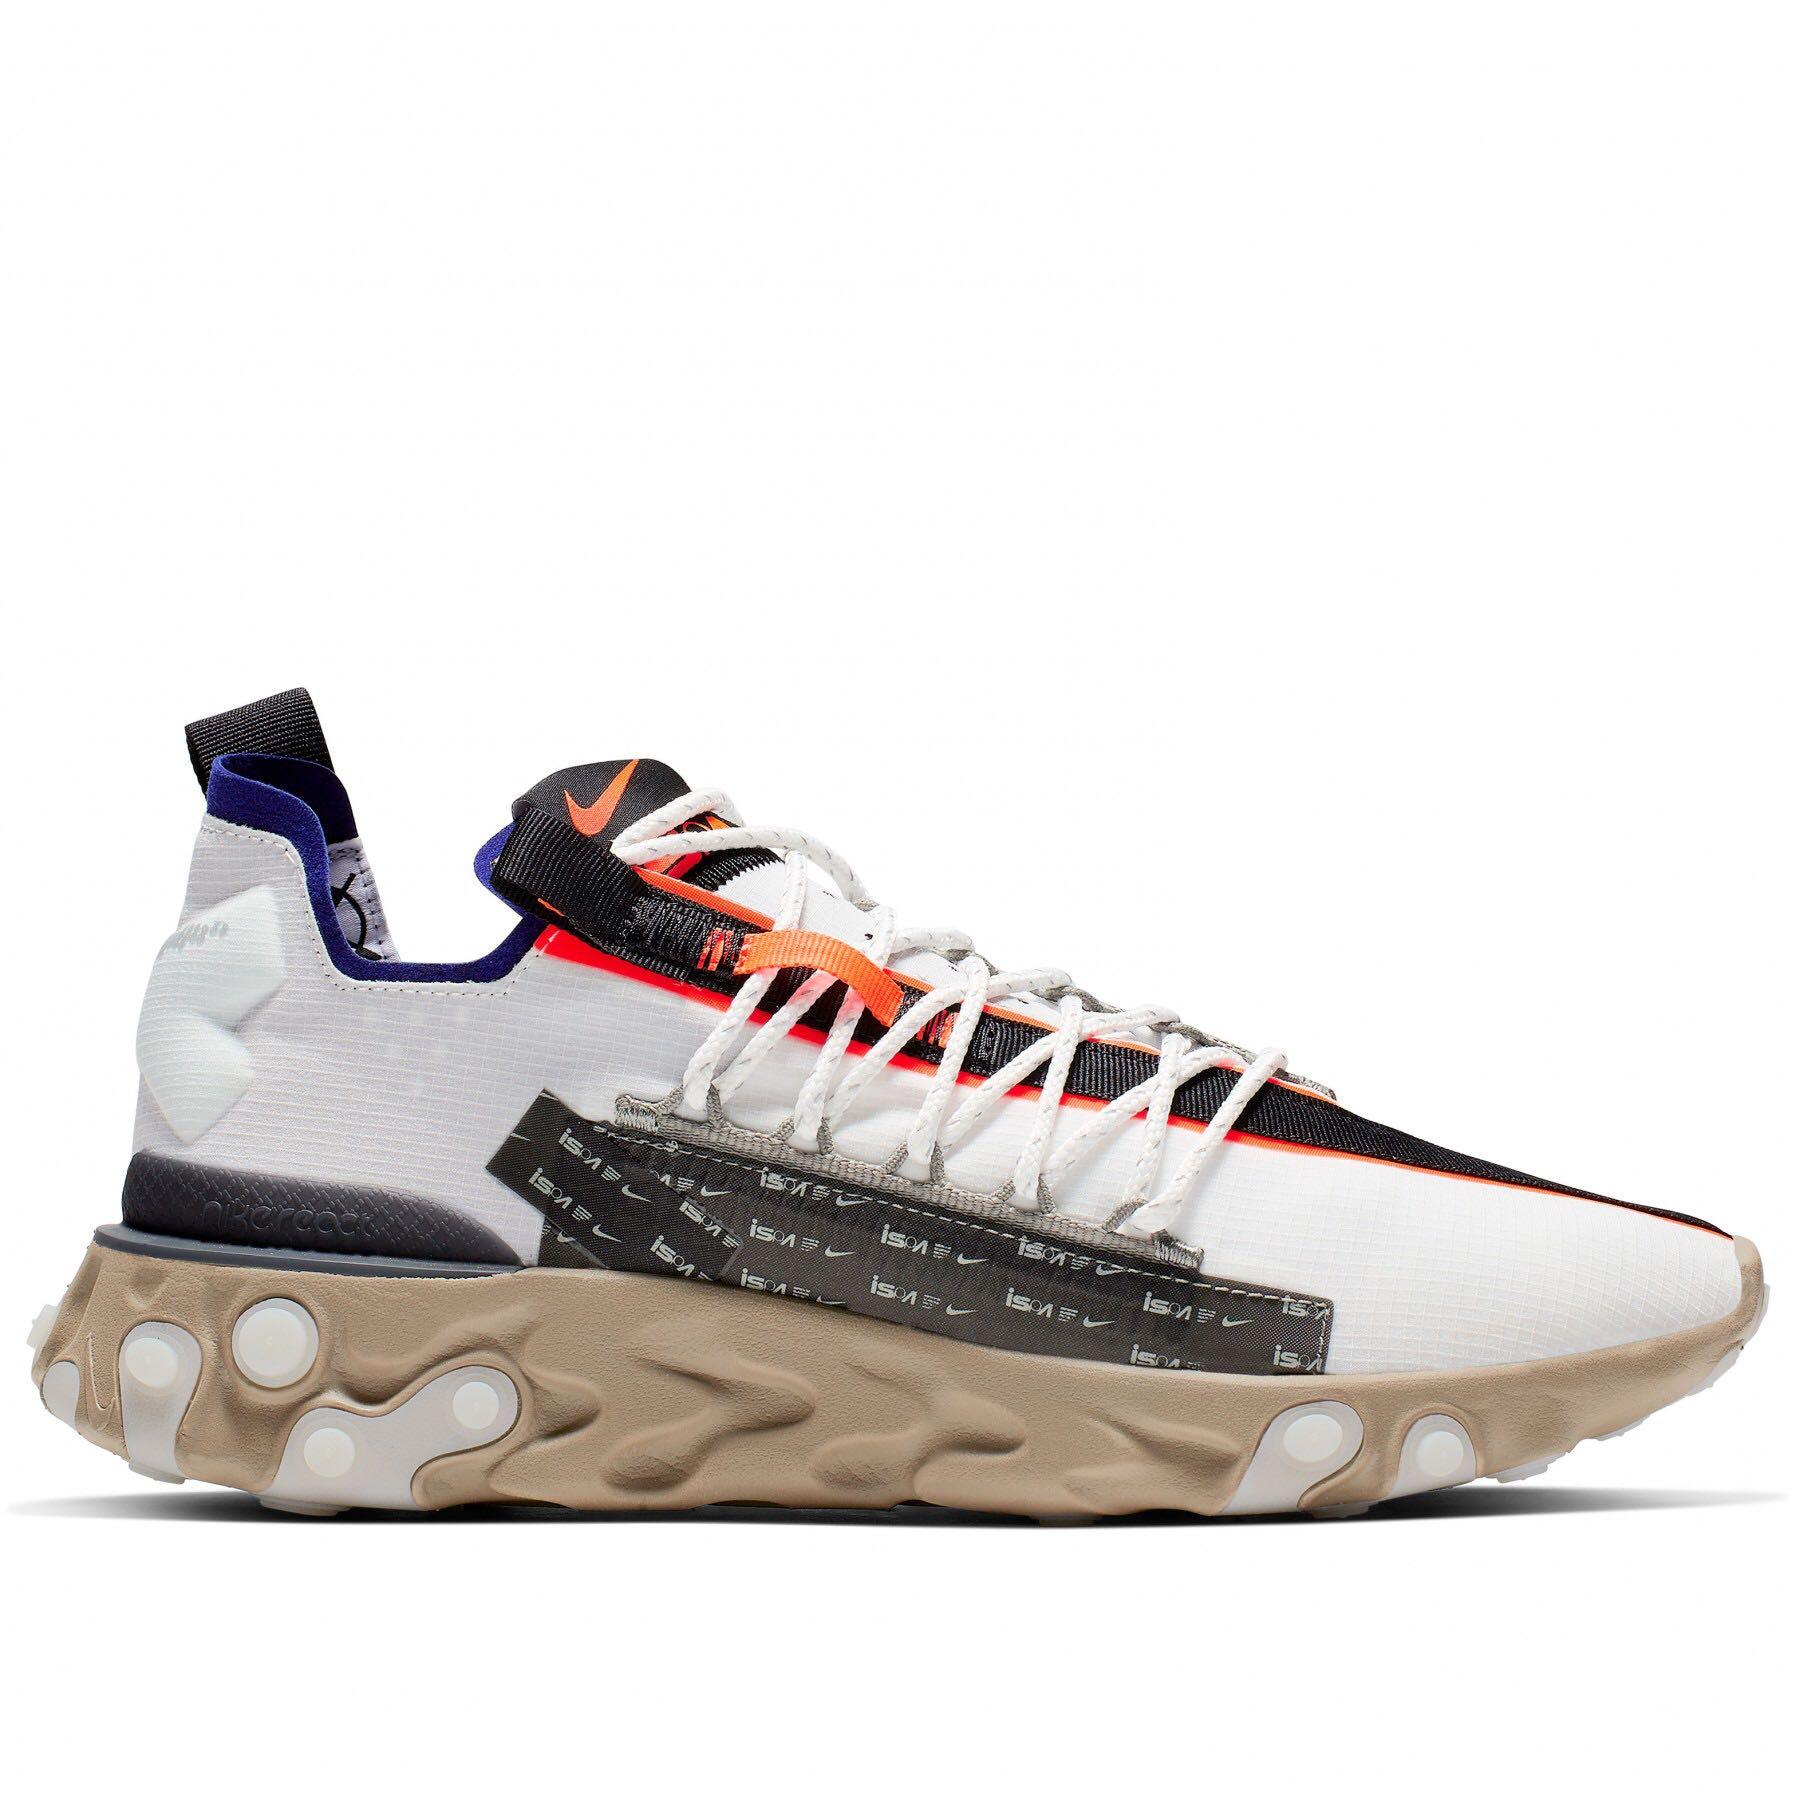 6fa7193f42d Nike React Runner WR ISPA White